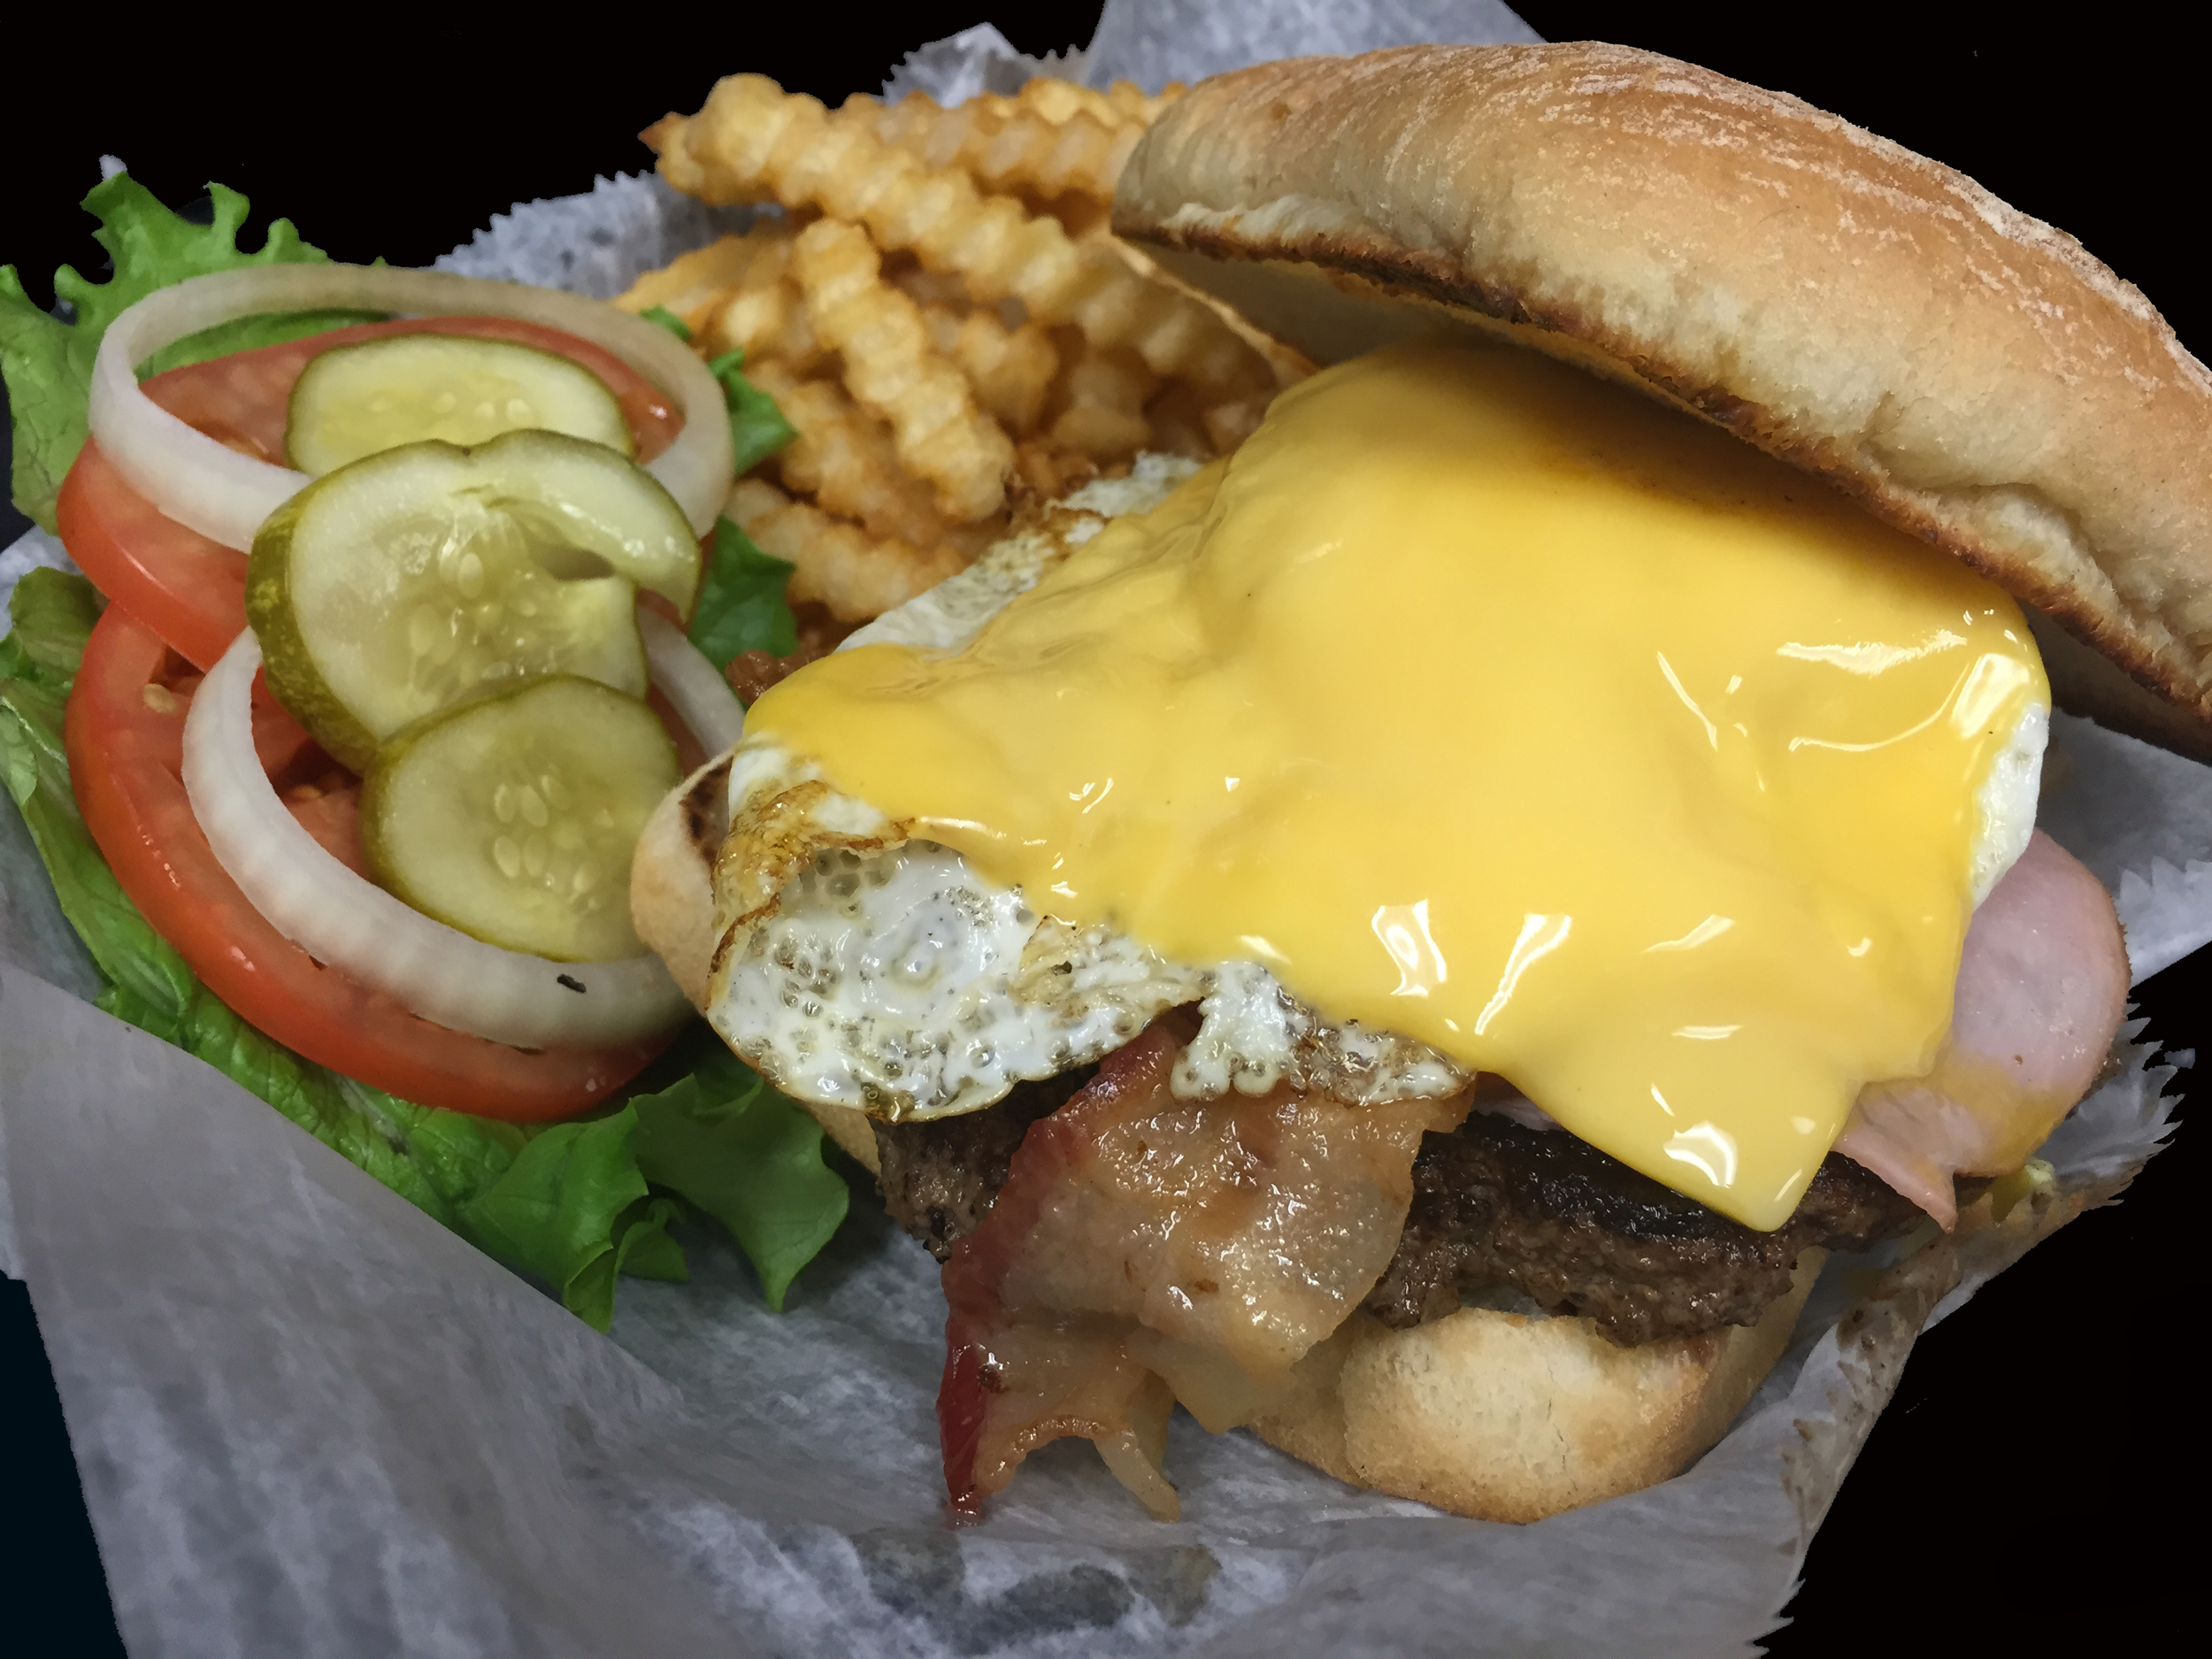 Egguse me burger.JPG